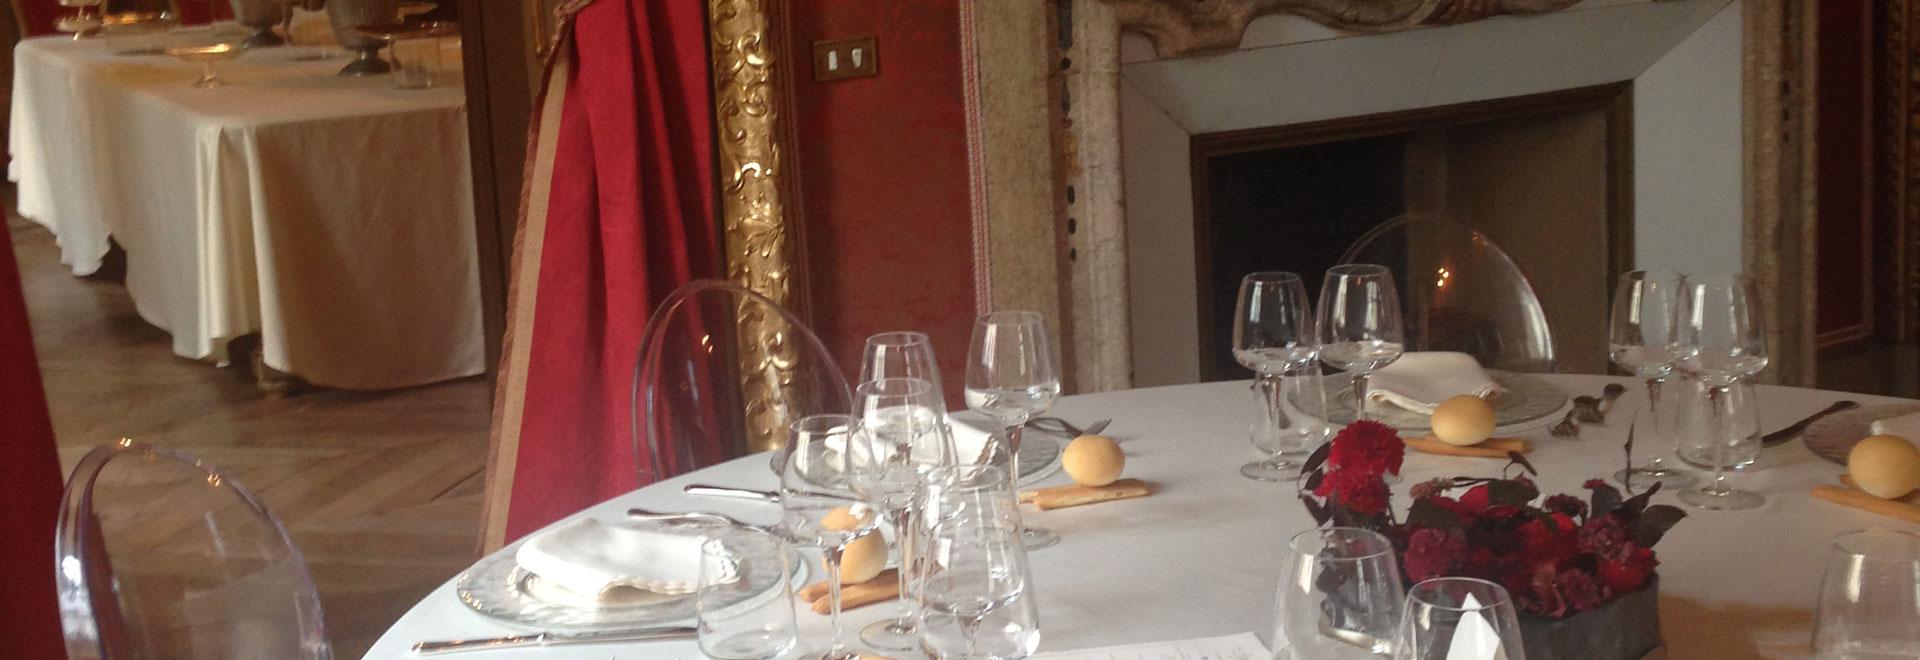 Natale a Palazzo Saluzzo Paesana: catering per eventi, ricevimenti e feste natalizie - Bon Ton Pietrini